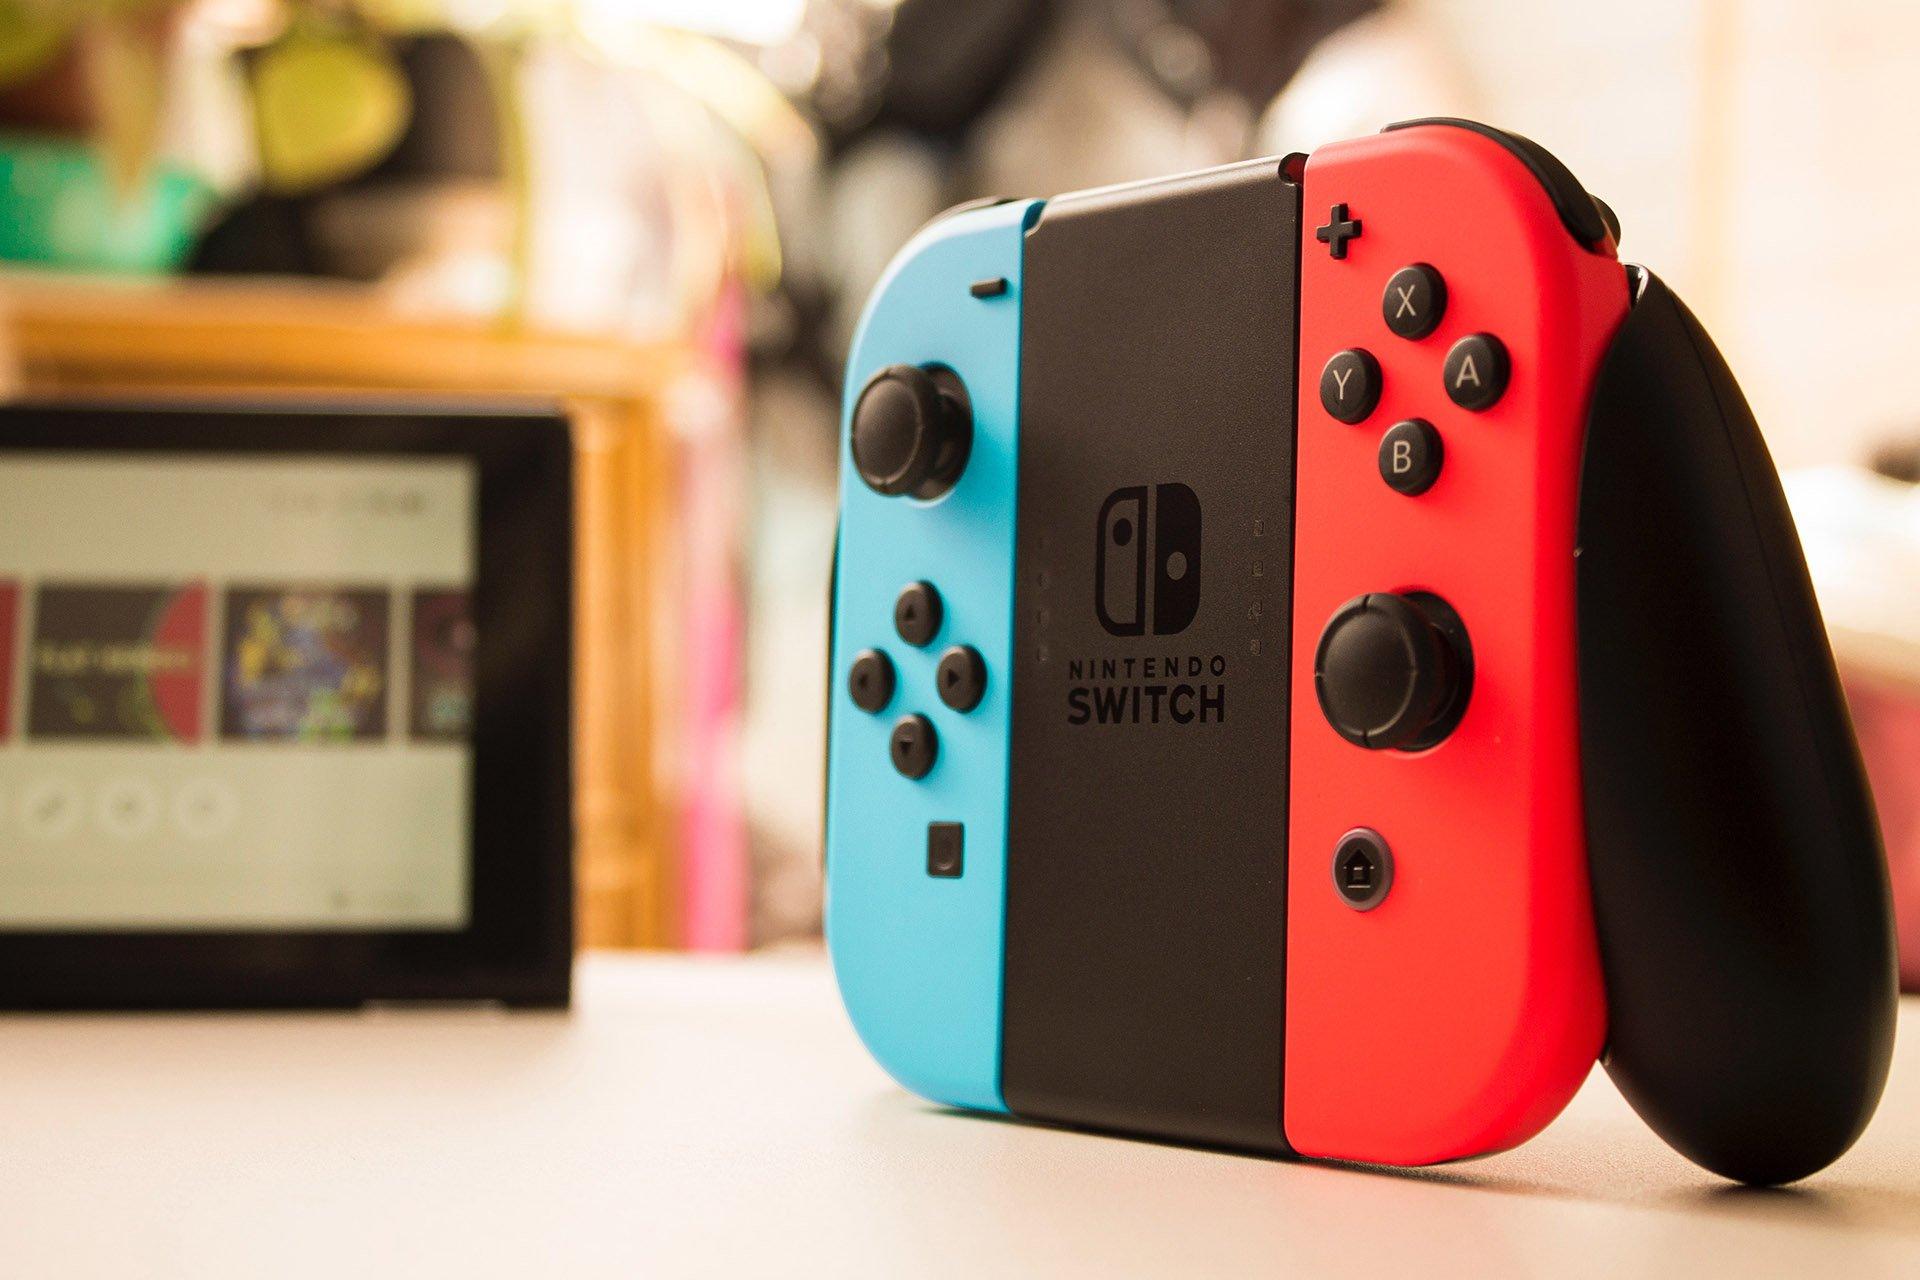 Shuntaro Furukawa explica o motivo da parceria com a Tencent para lançar o Nintendo Switch na China e fala sobre os desafios que terão